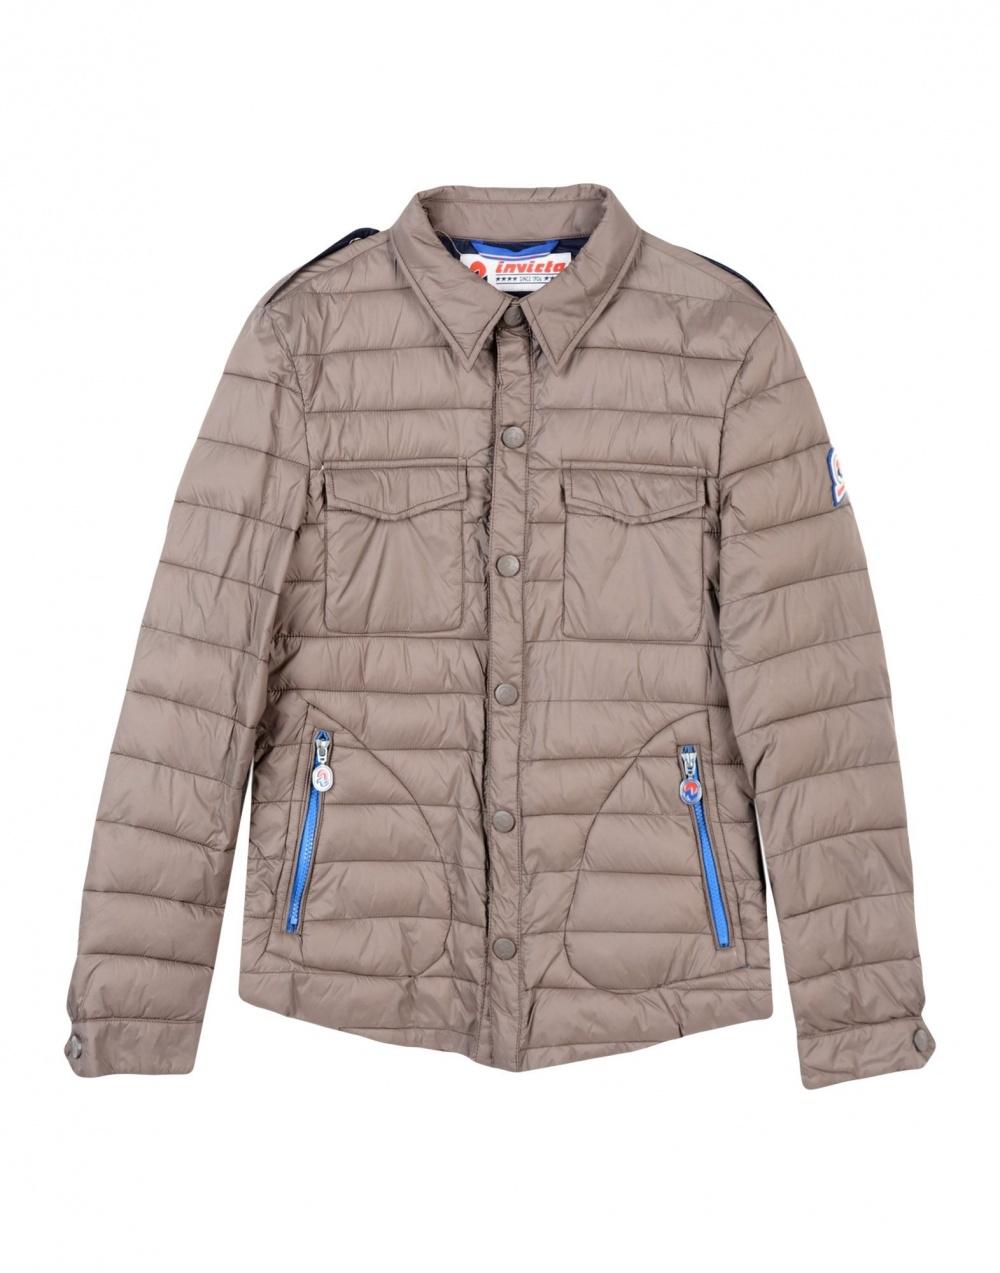 Мужская демисезонная куртка Invista, размер S